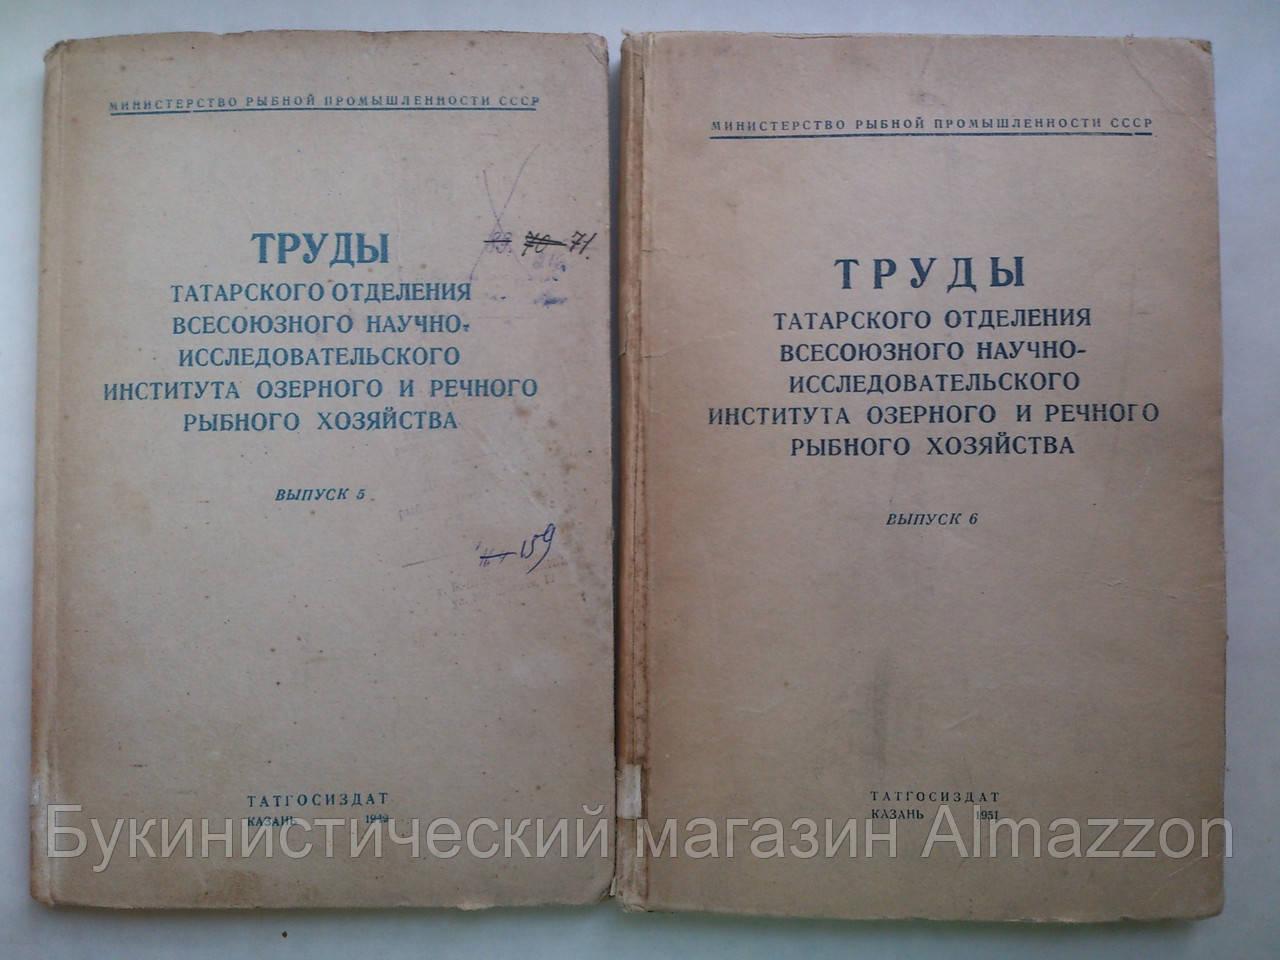 Труды тат. отд. Всесоюзного НИИ озерного и речного рыбного хозяйства - 2 тома